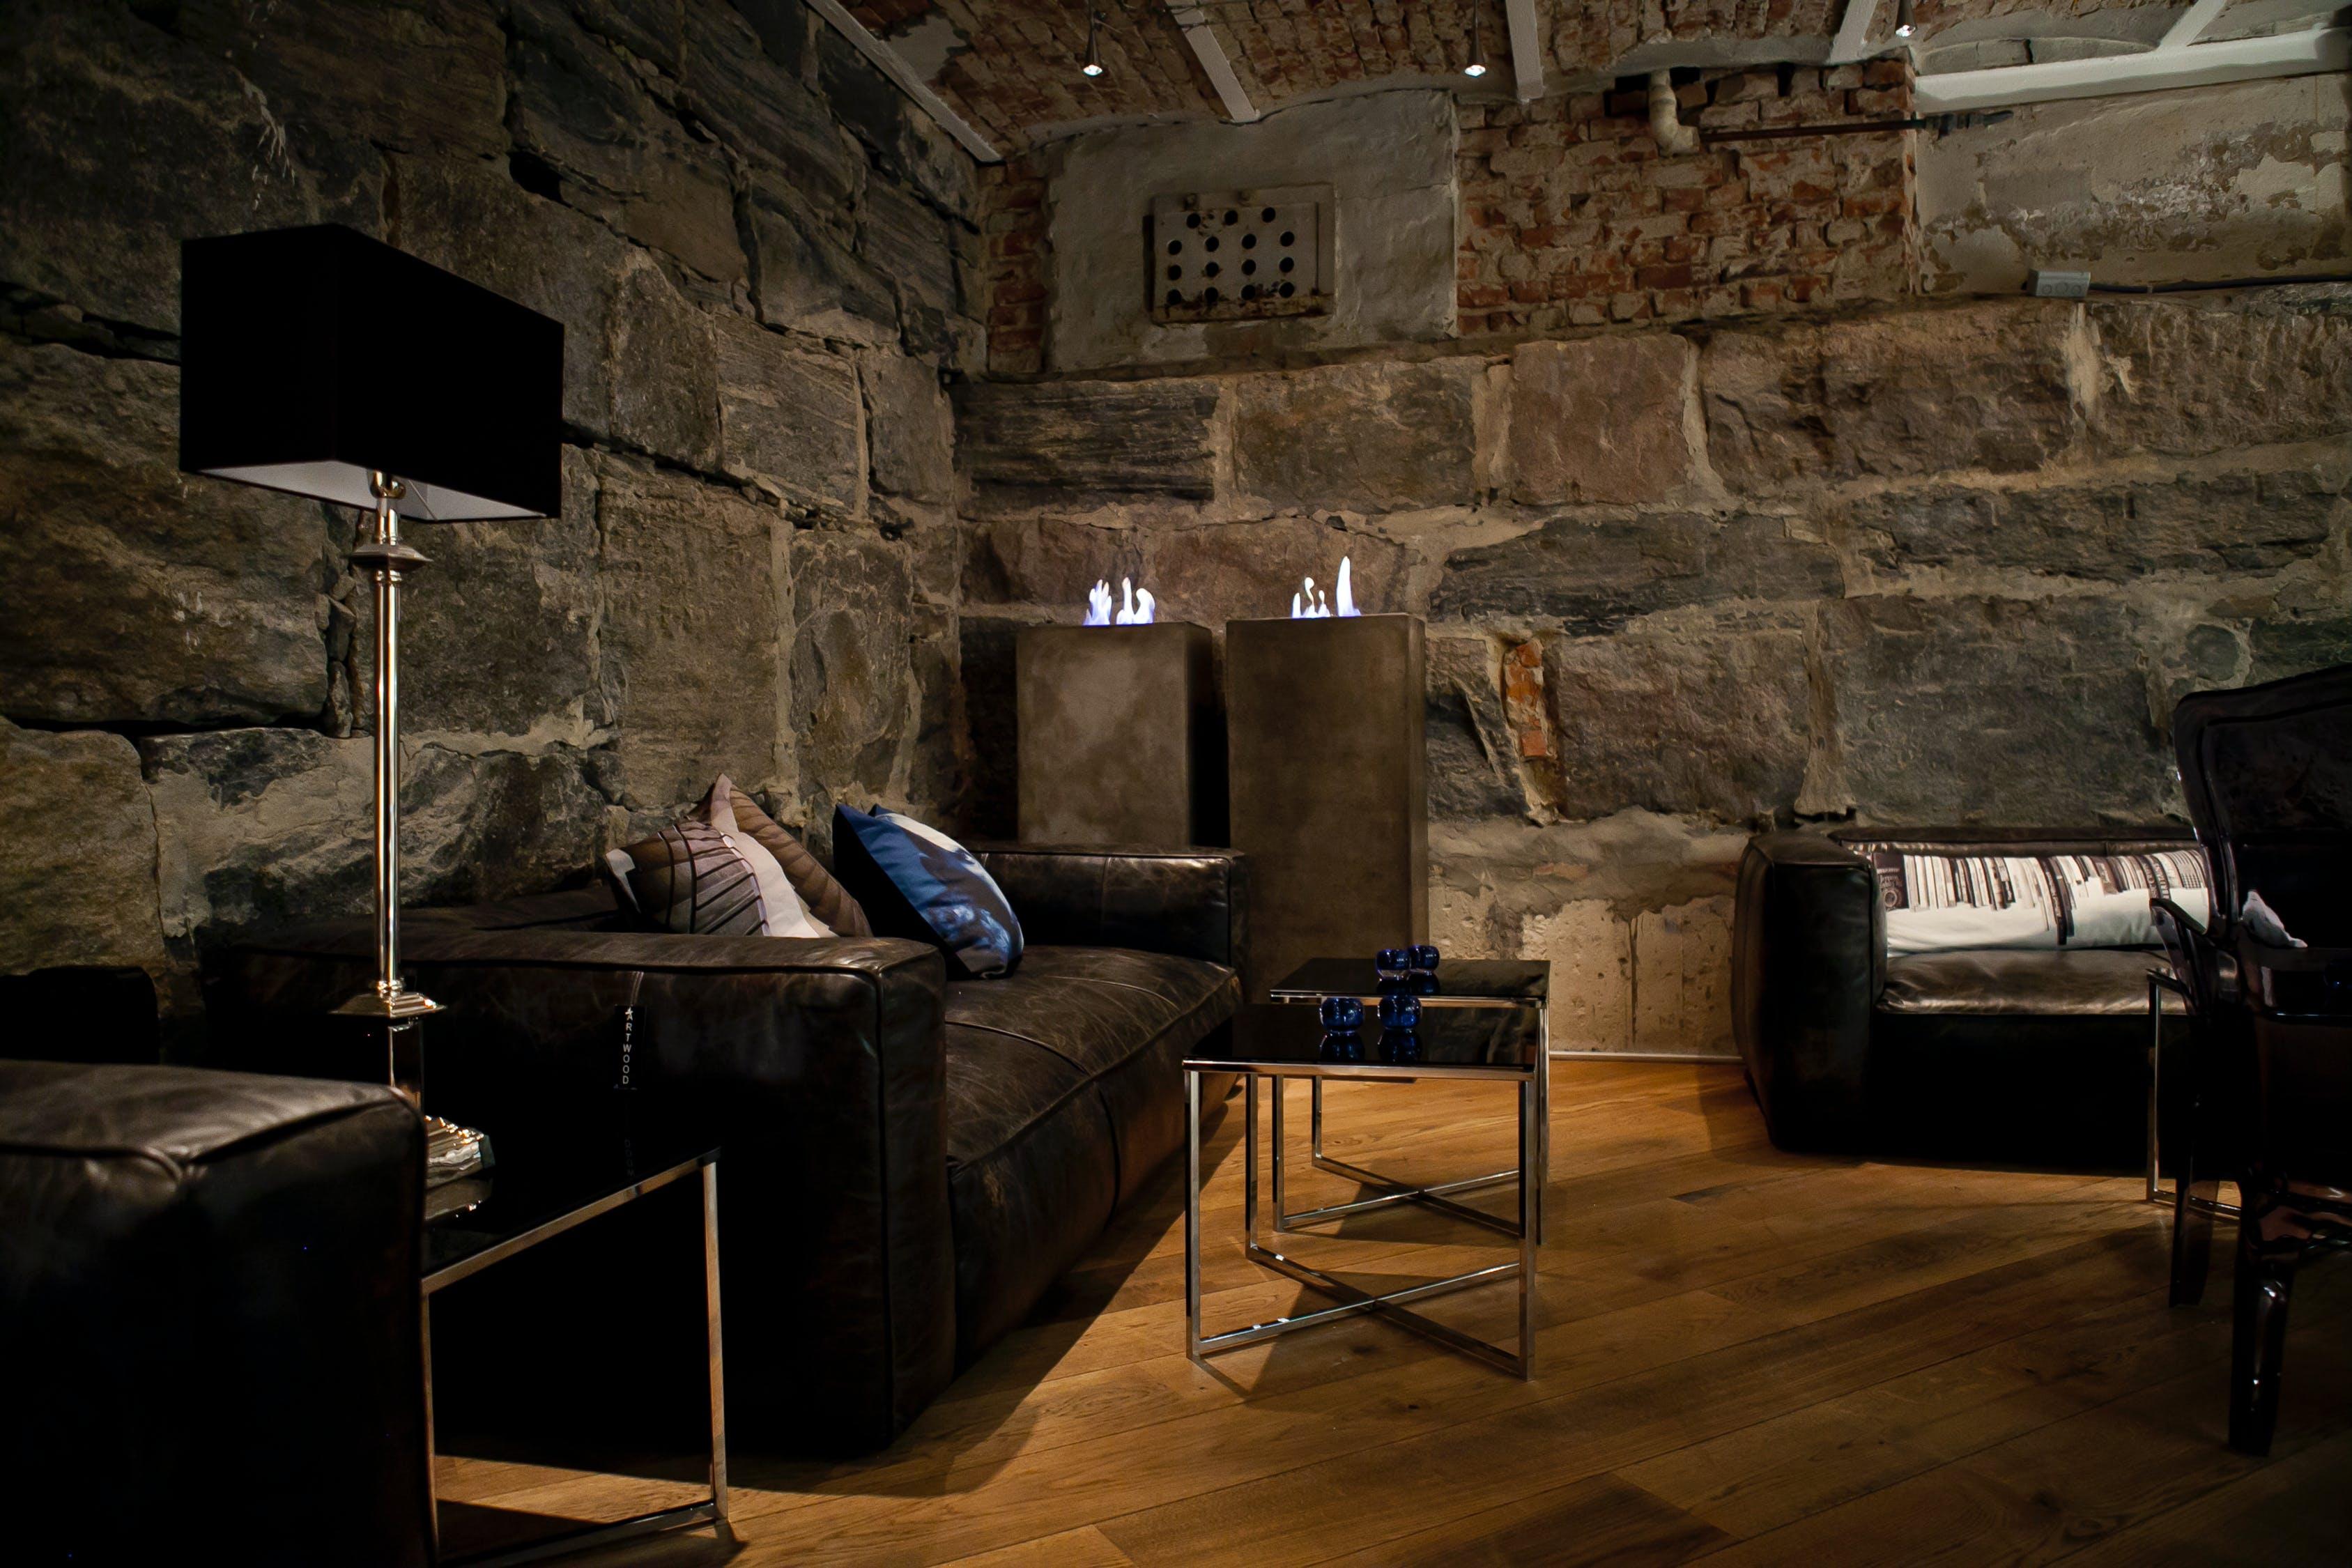 Das Bildt zeigt ein gemütliches Wohnzimmer, welches durch Infrarot Heizstrahler erwärmt wird.